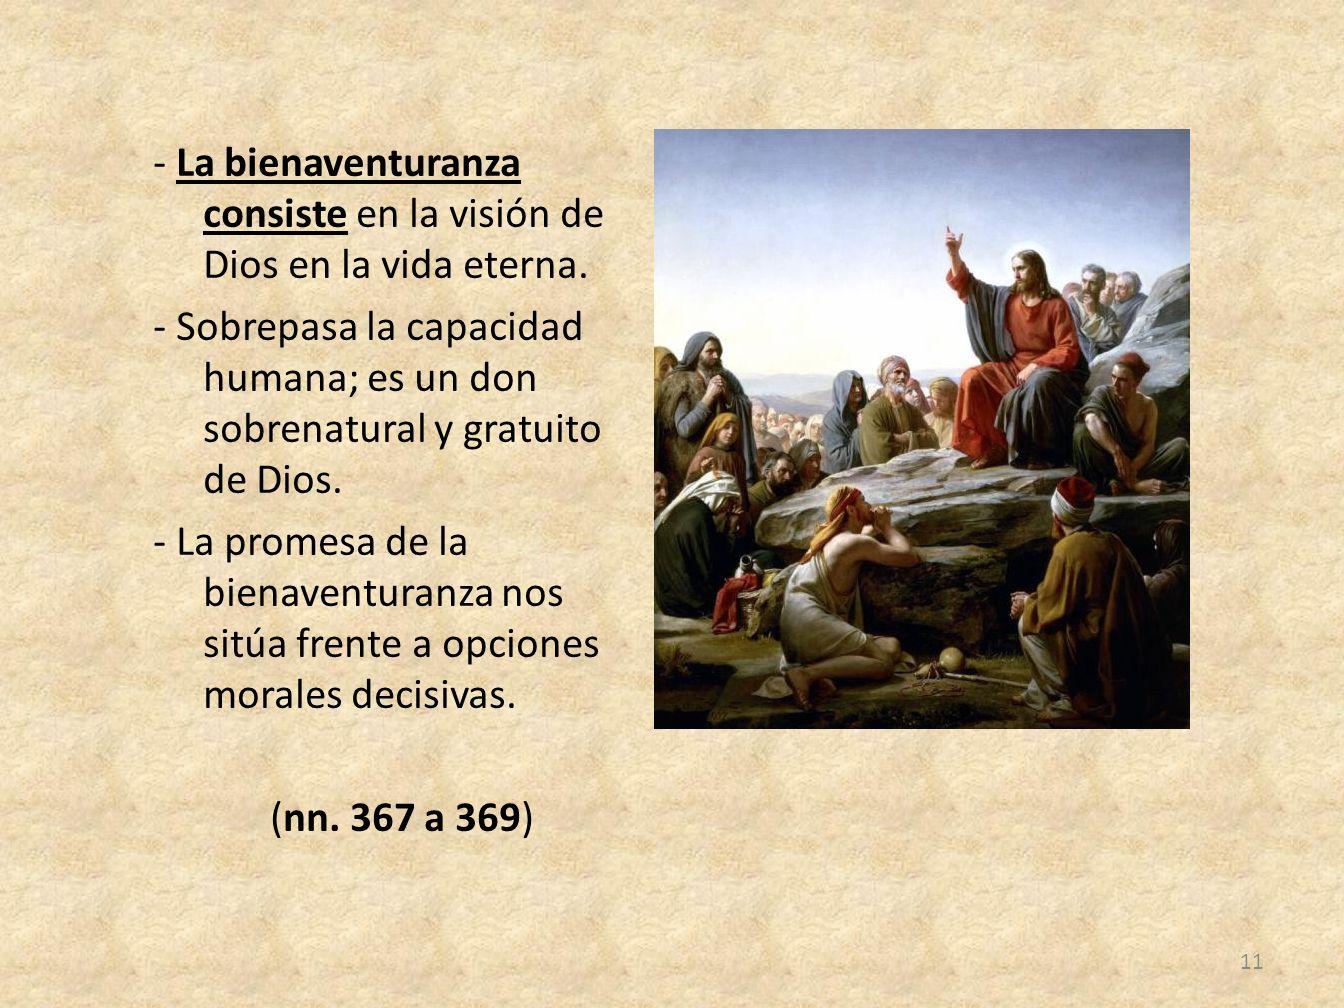 - La bienaventuranza consiste en la visión de Dios en la vida eterna. - Sobrepasa la capacidad humana; es un don sobrenatural y gratuito de Dios. - La